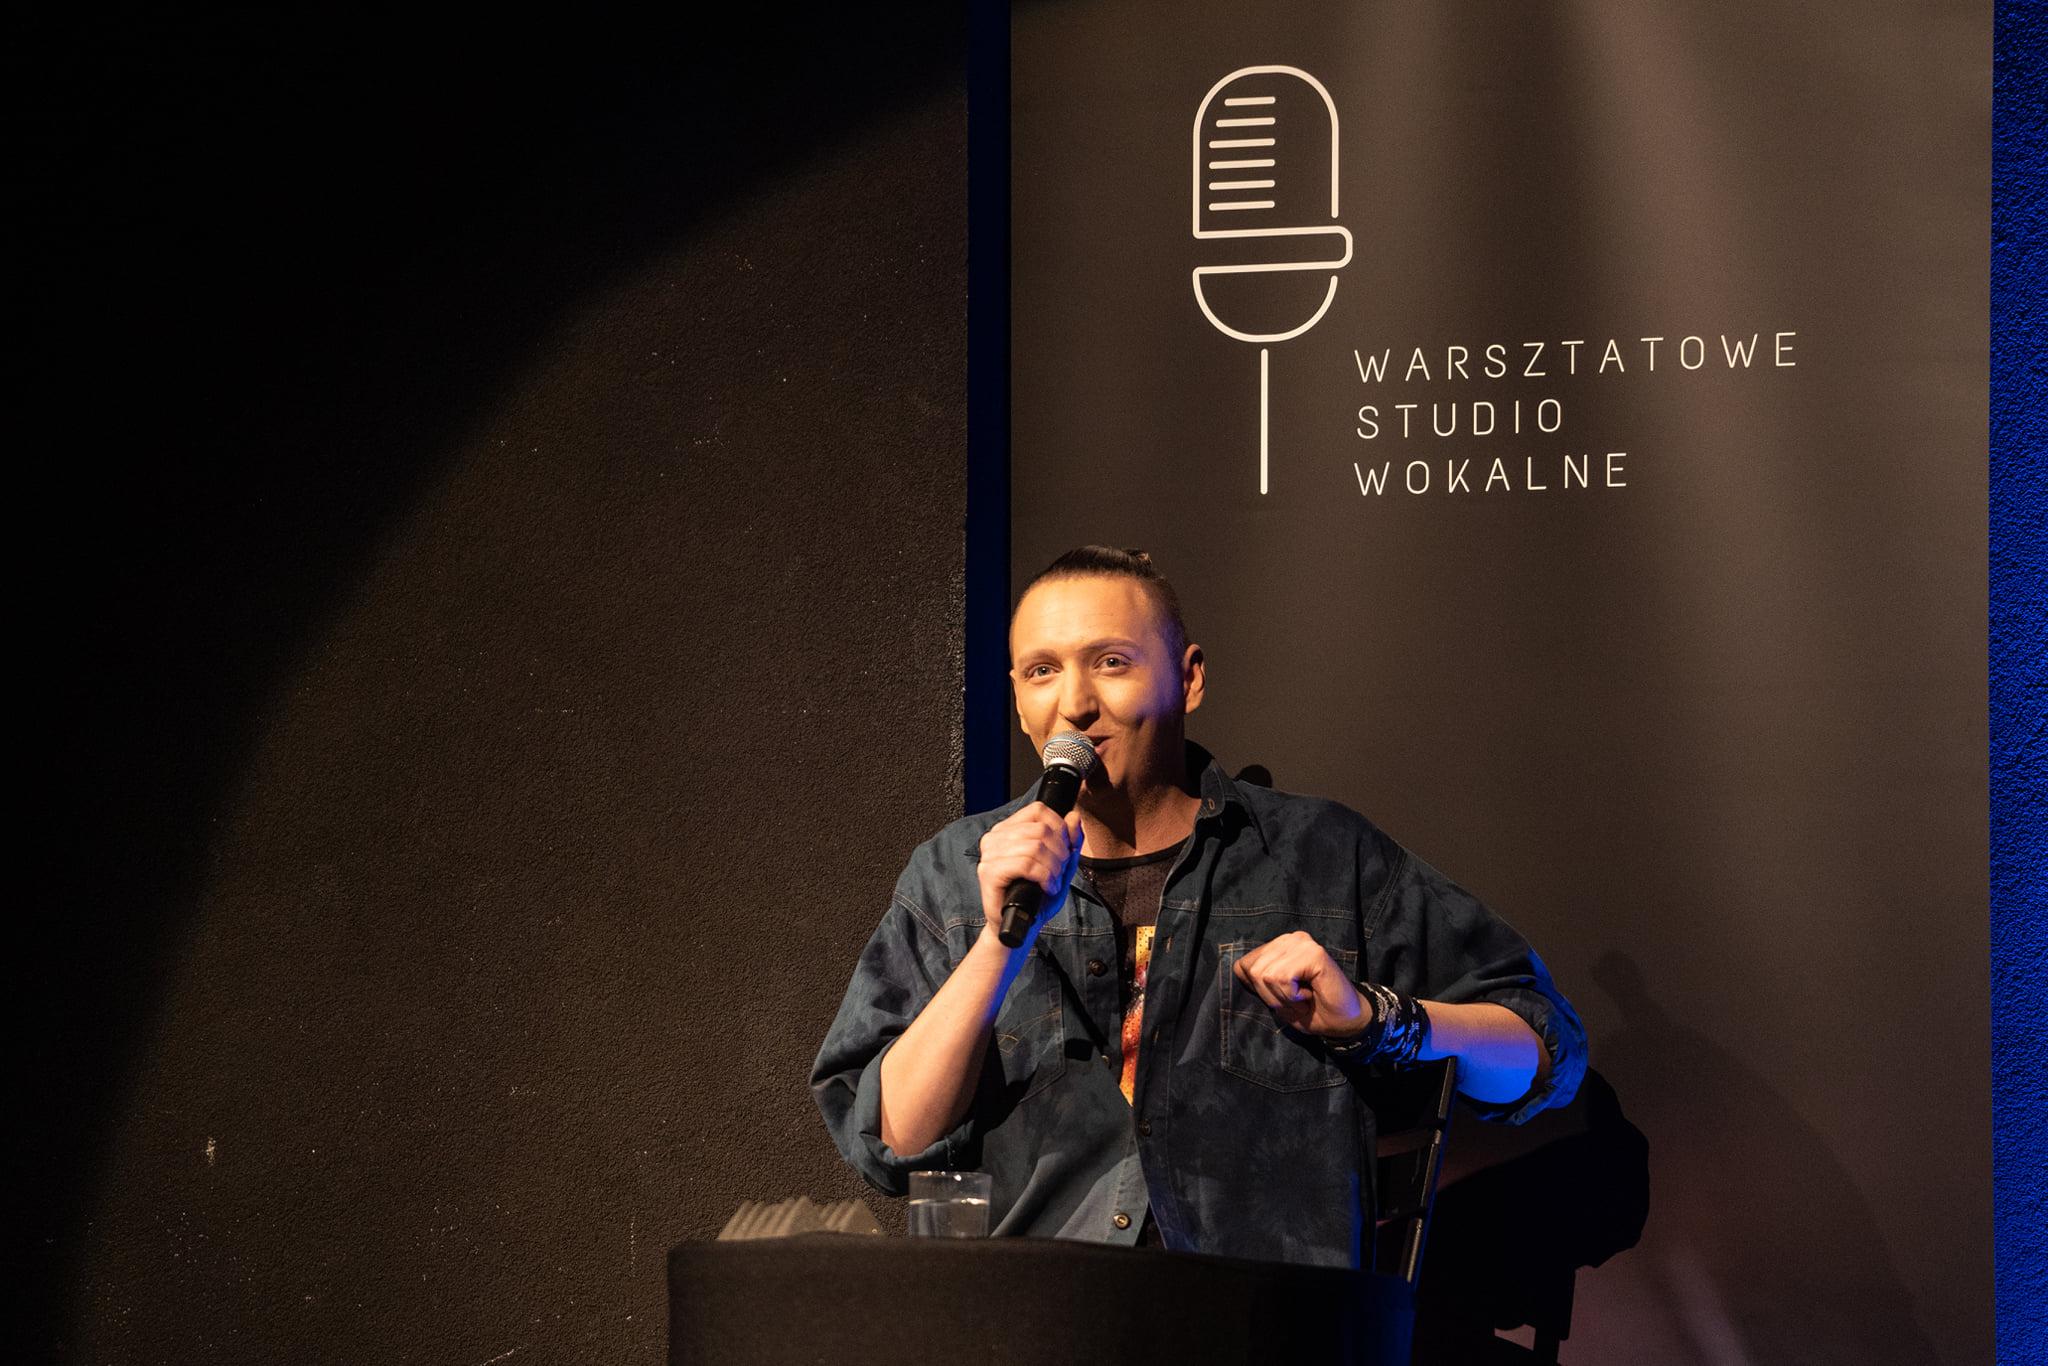 Koncert Uczestników - III EDYCJA WSW - Fot. Paweł Mikołajczyk